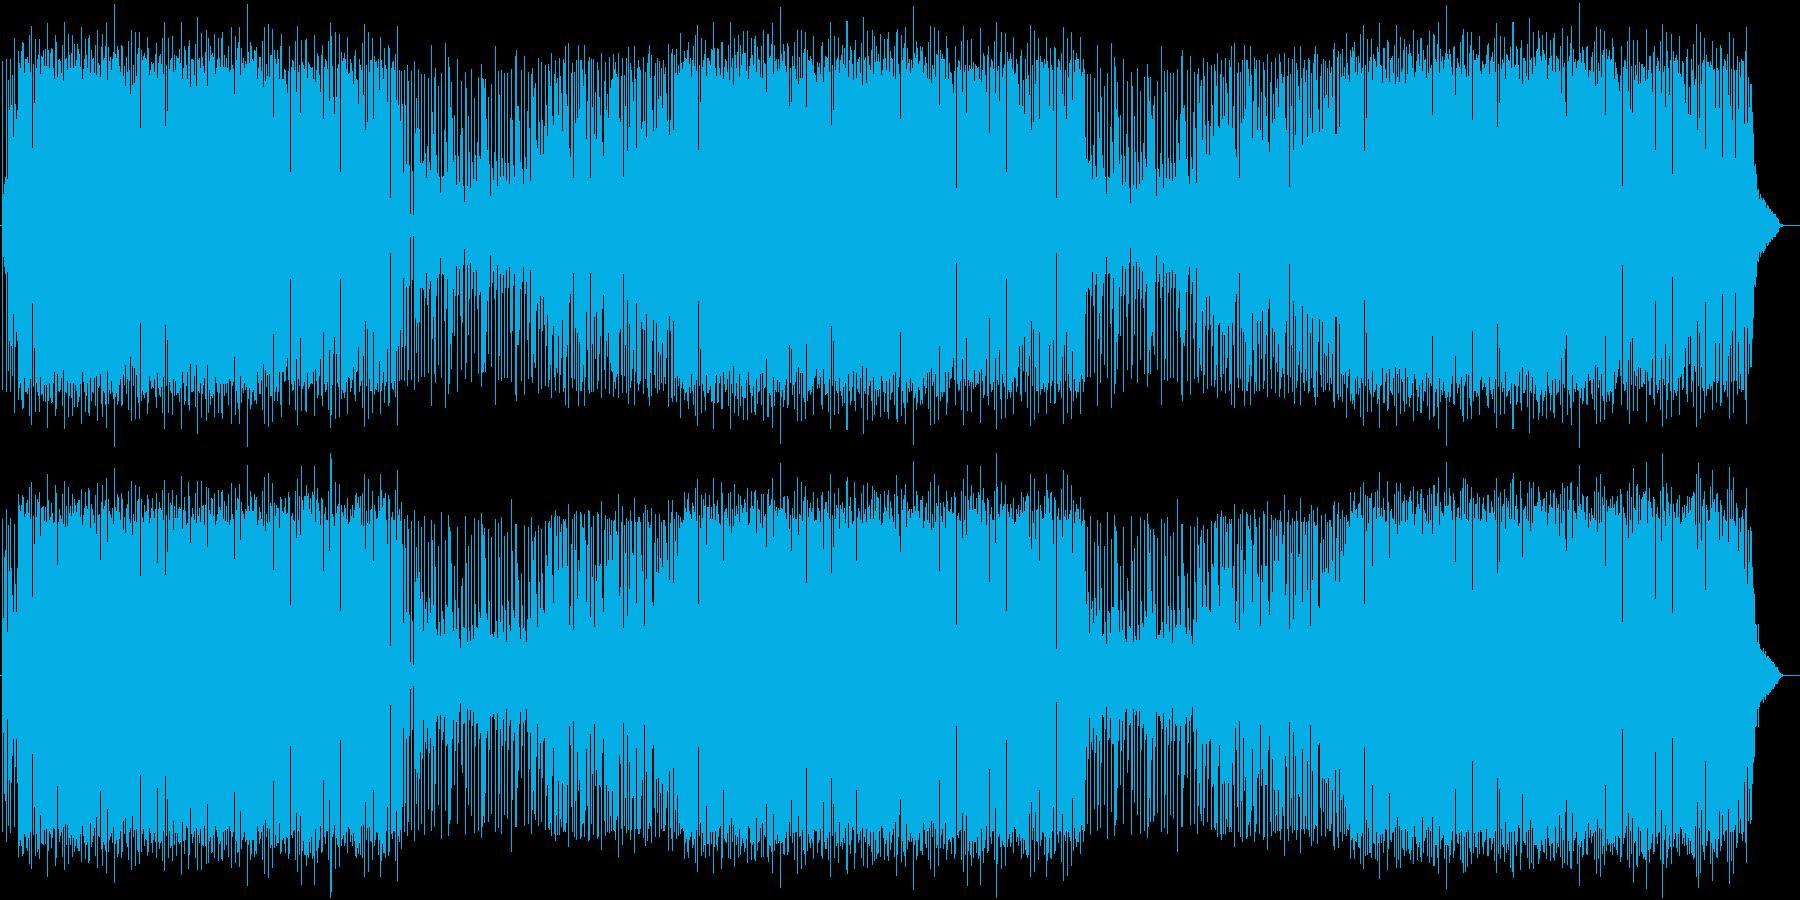 ジャズ おしゃれ 報道 ニュース 情報の再生済みの波形